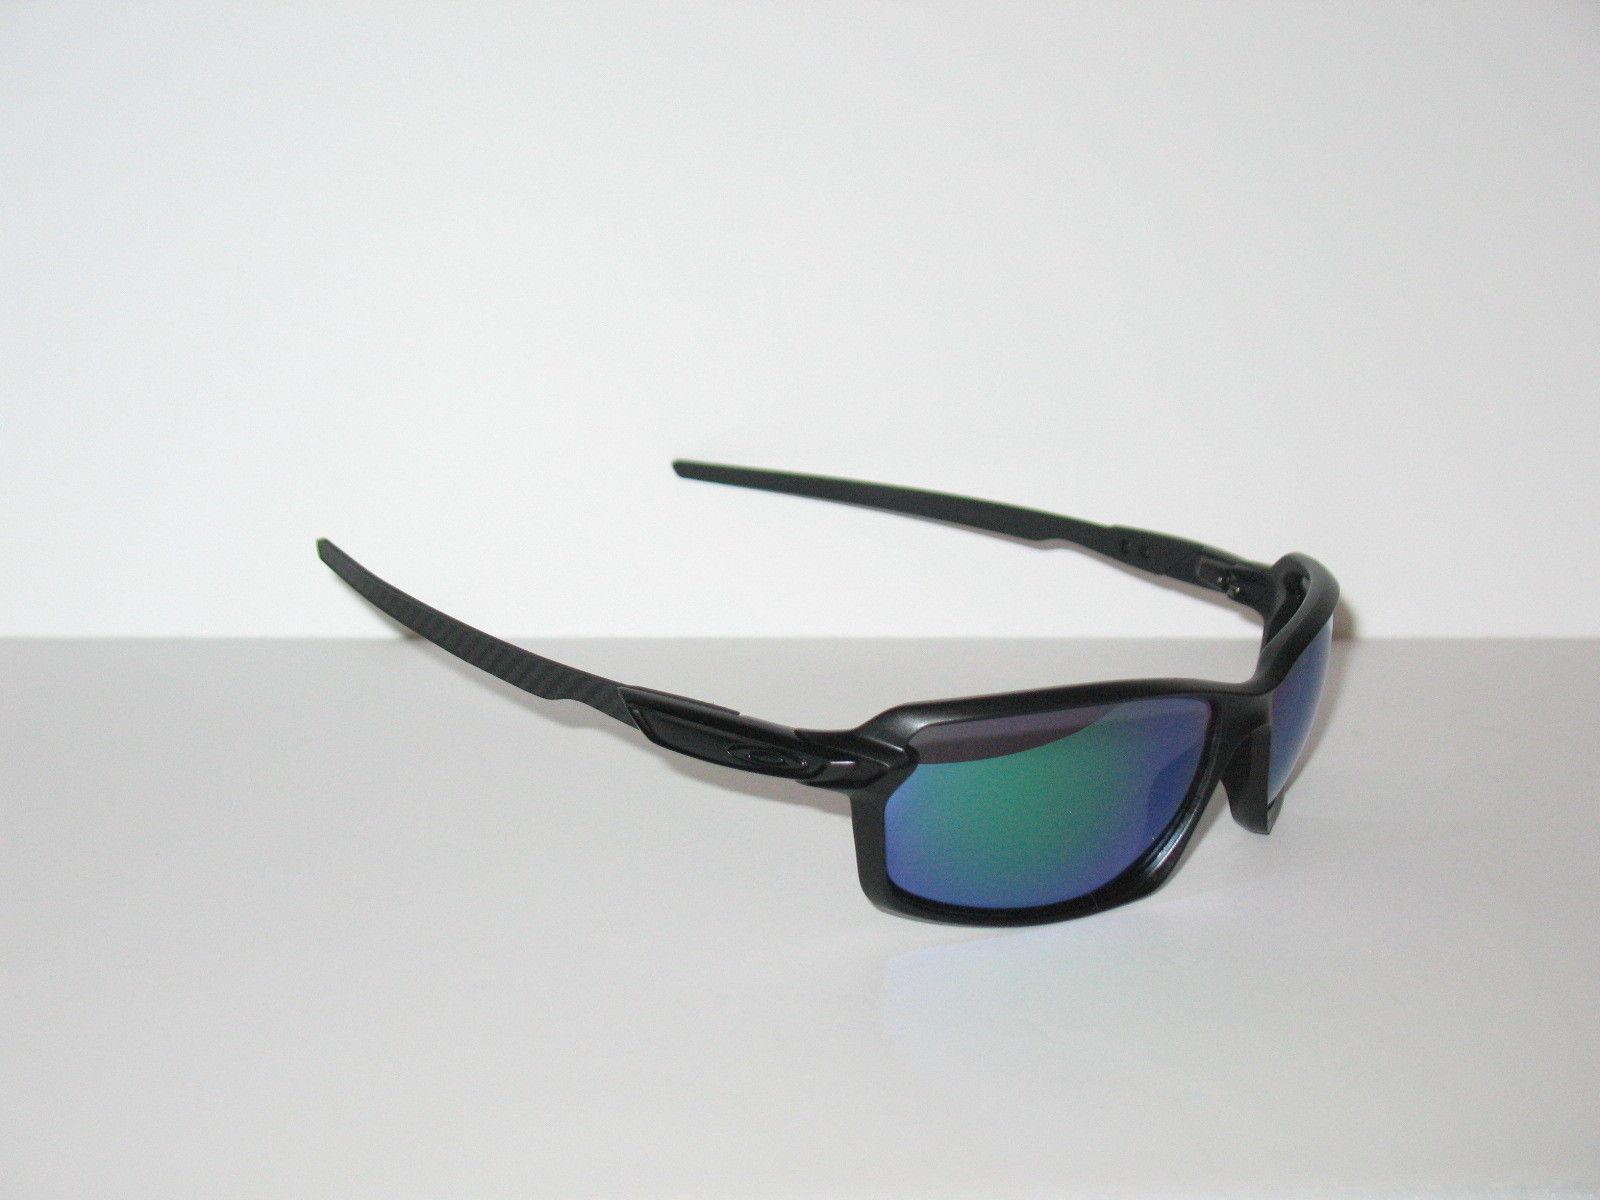 c7163af458c Oakley Carbon Shift Sunglasses Matte Black  Jade Iridium OO9302-07